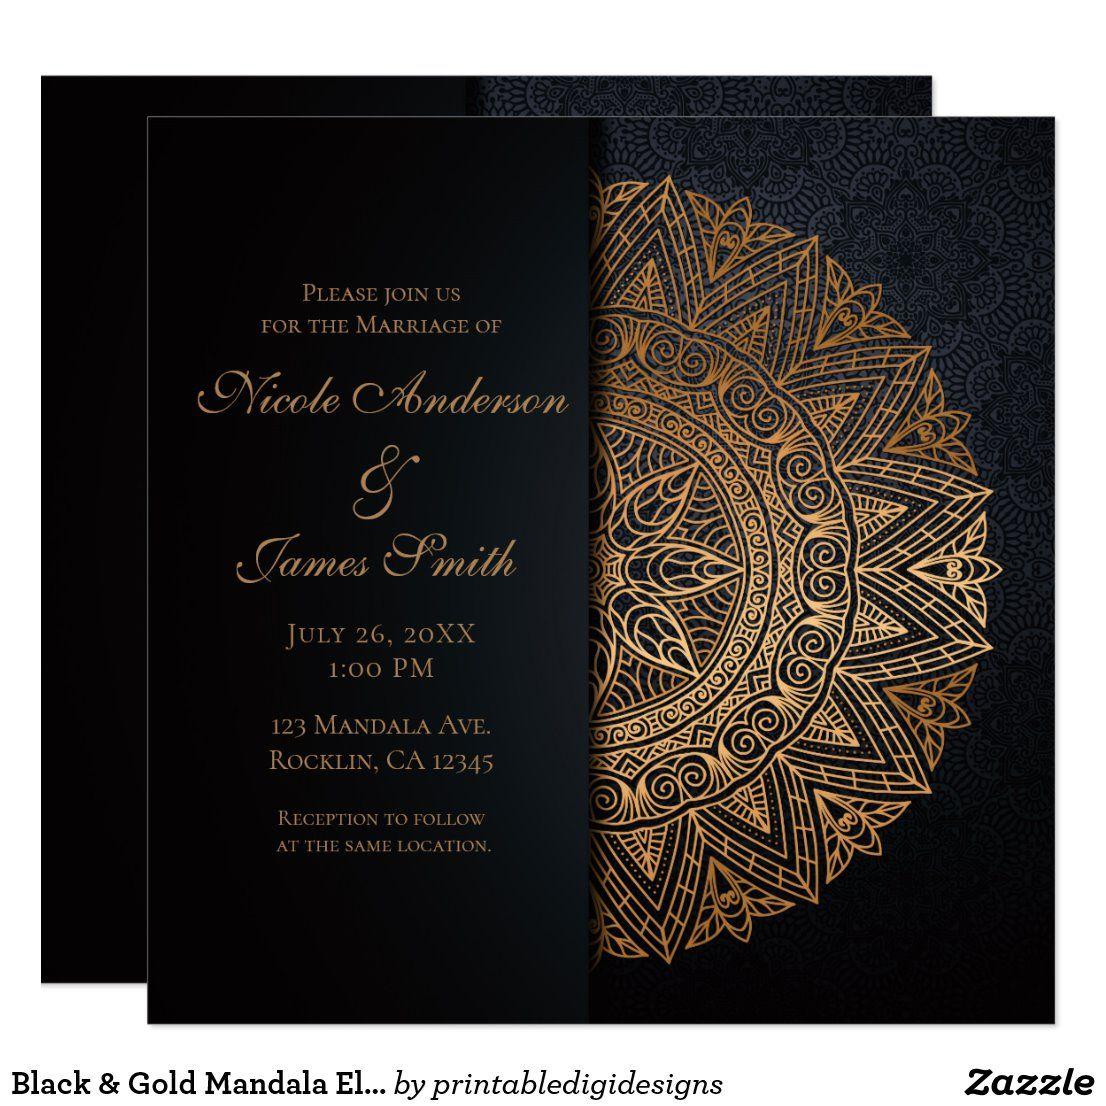 Black Gold Mandala Elegant Wedding Marriage Invitation Zazzle